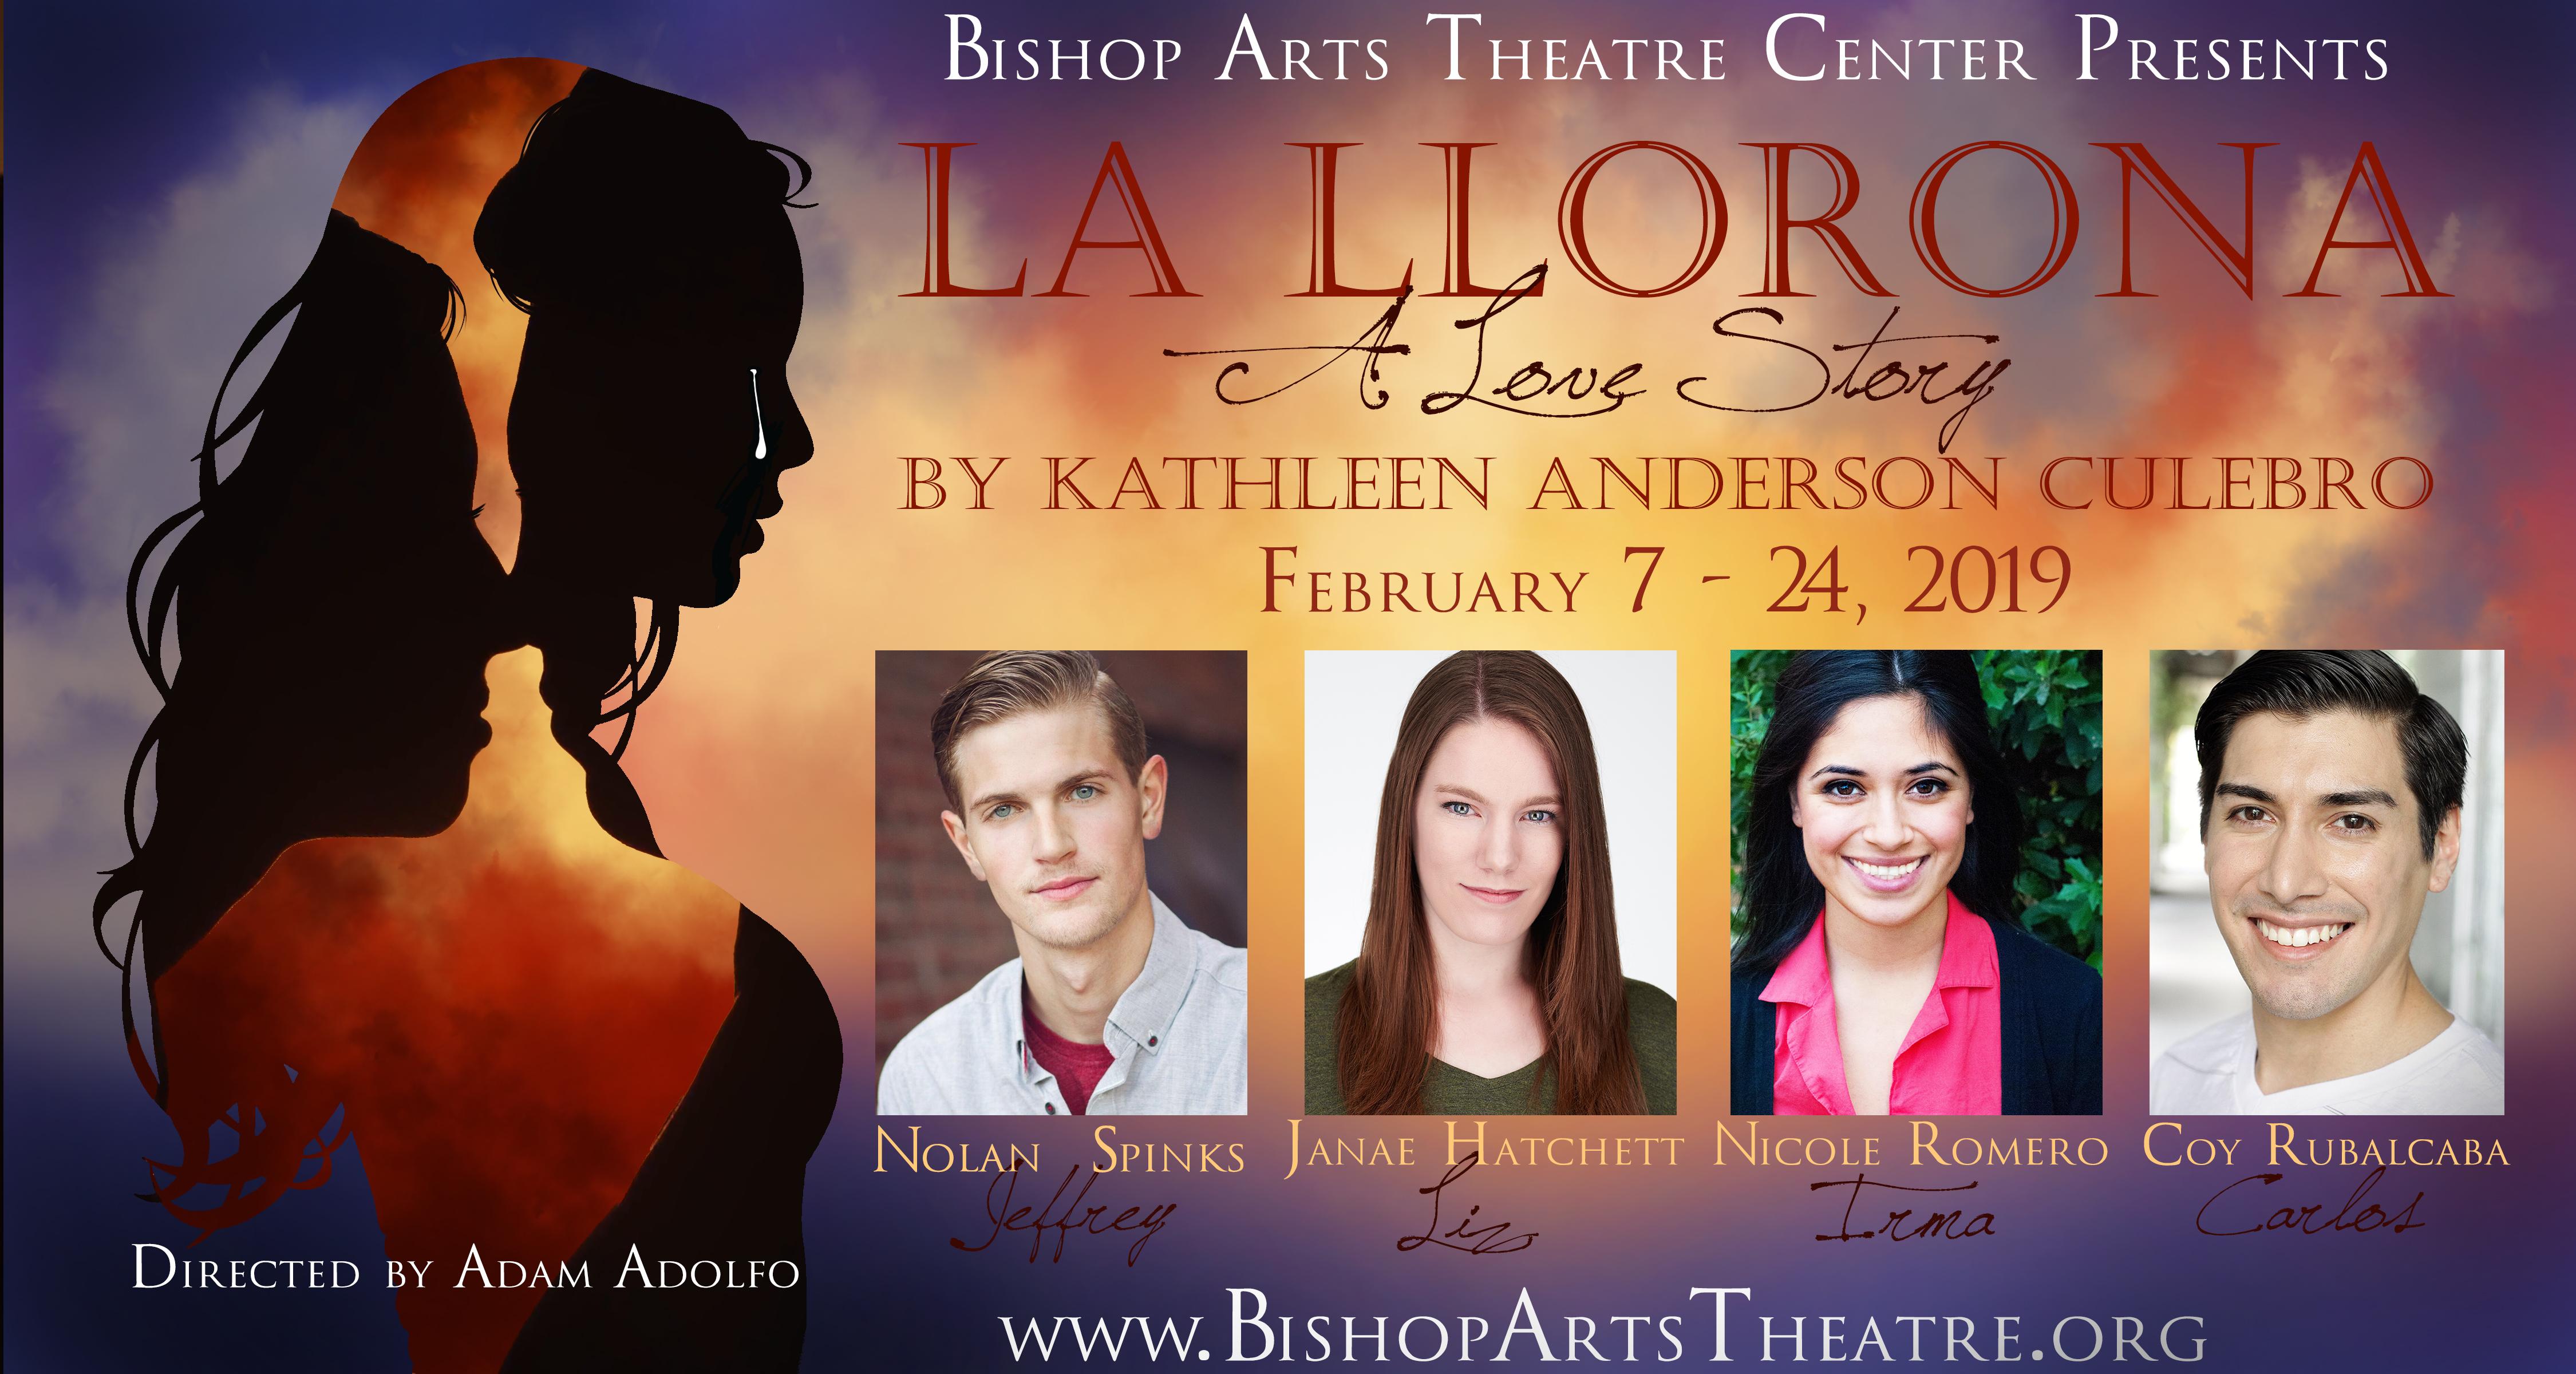 Review of La Llorona